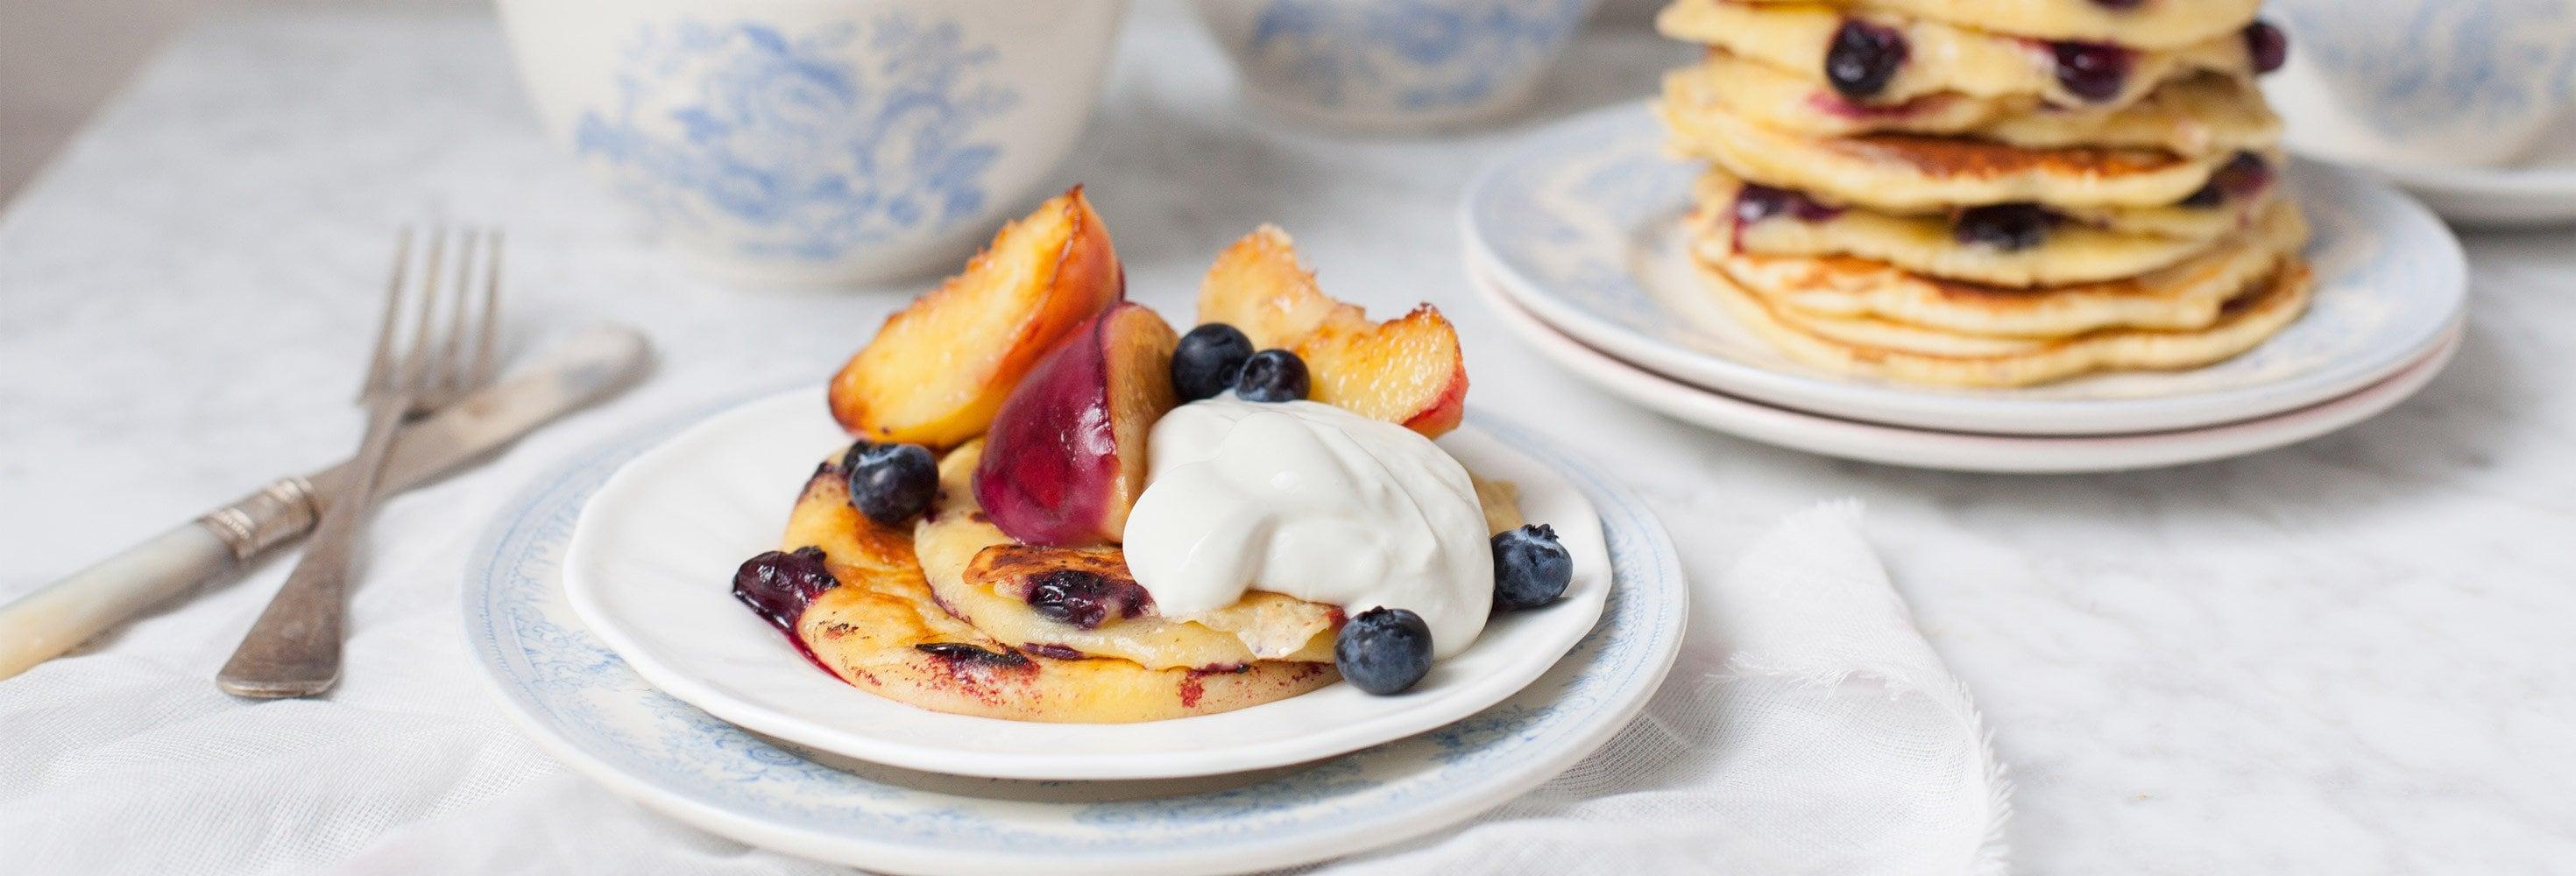 Blauwbessenpannenkoeken met gebakken fruit